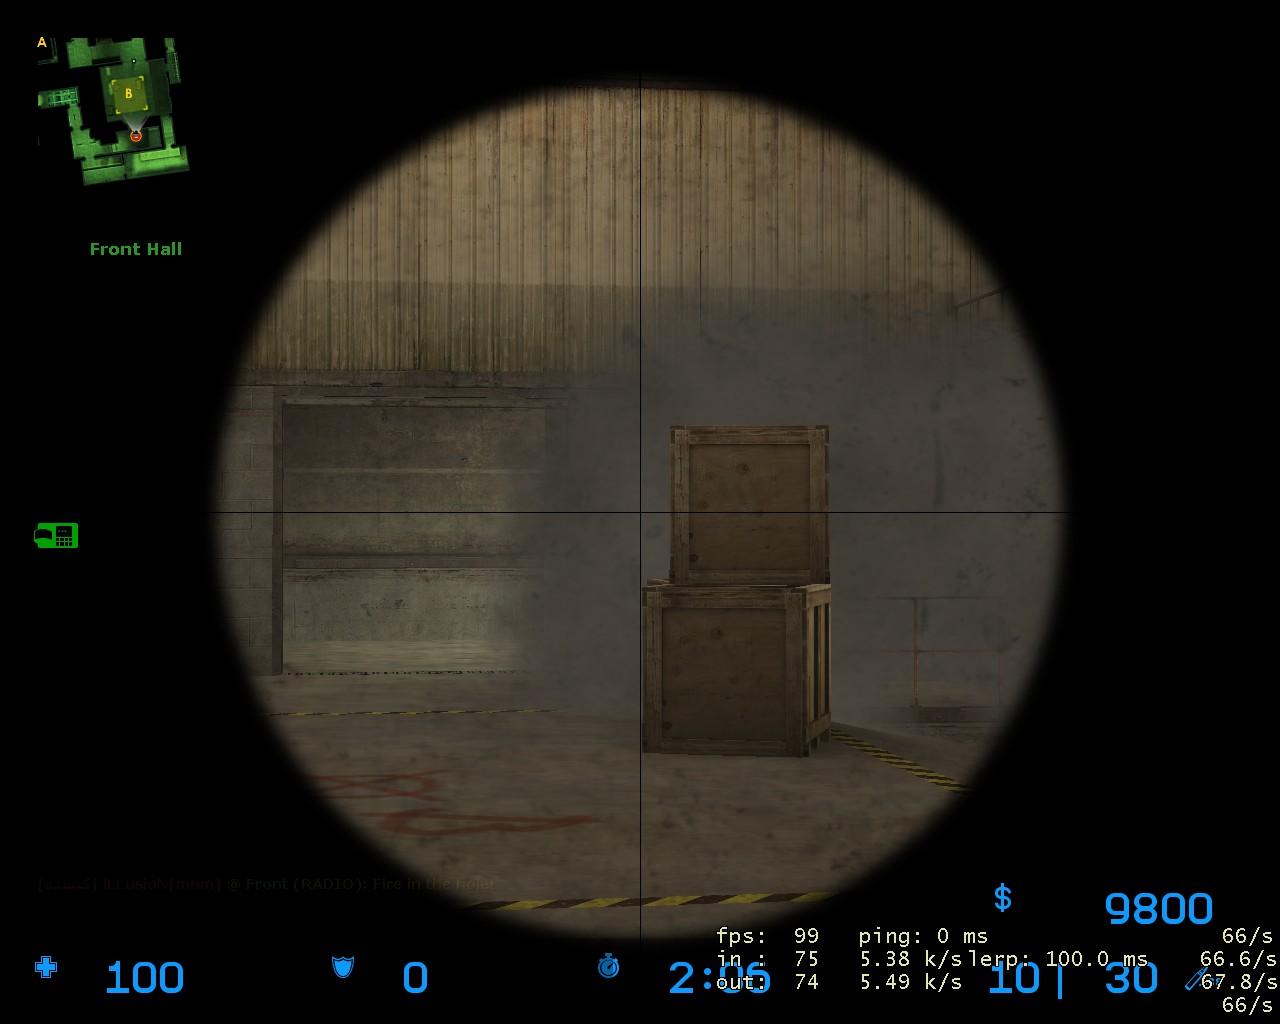 Ian's friend prime-de_season-lower-smoke-window-effect-1-jpg